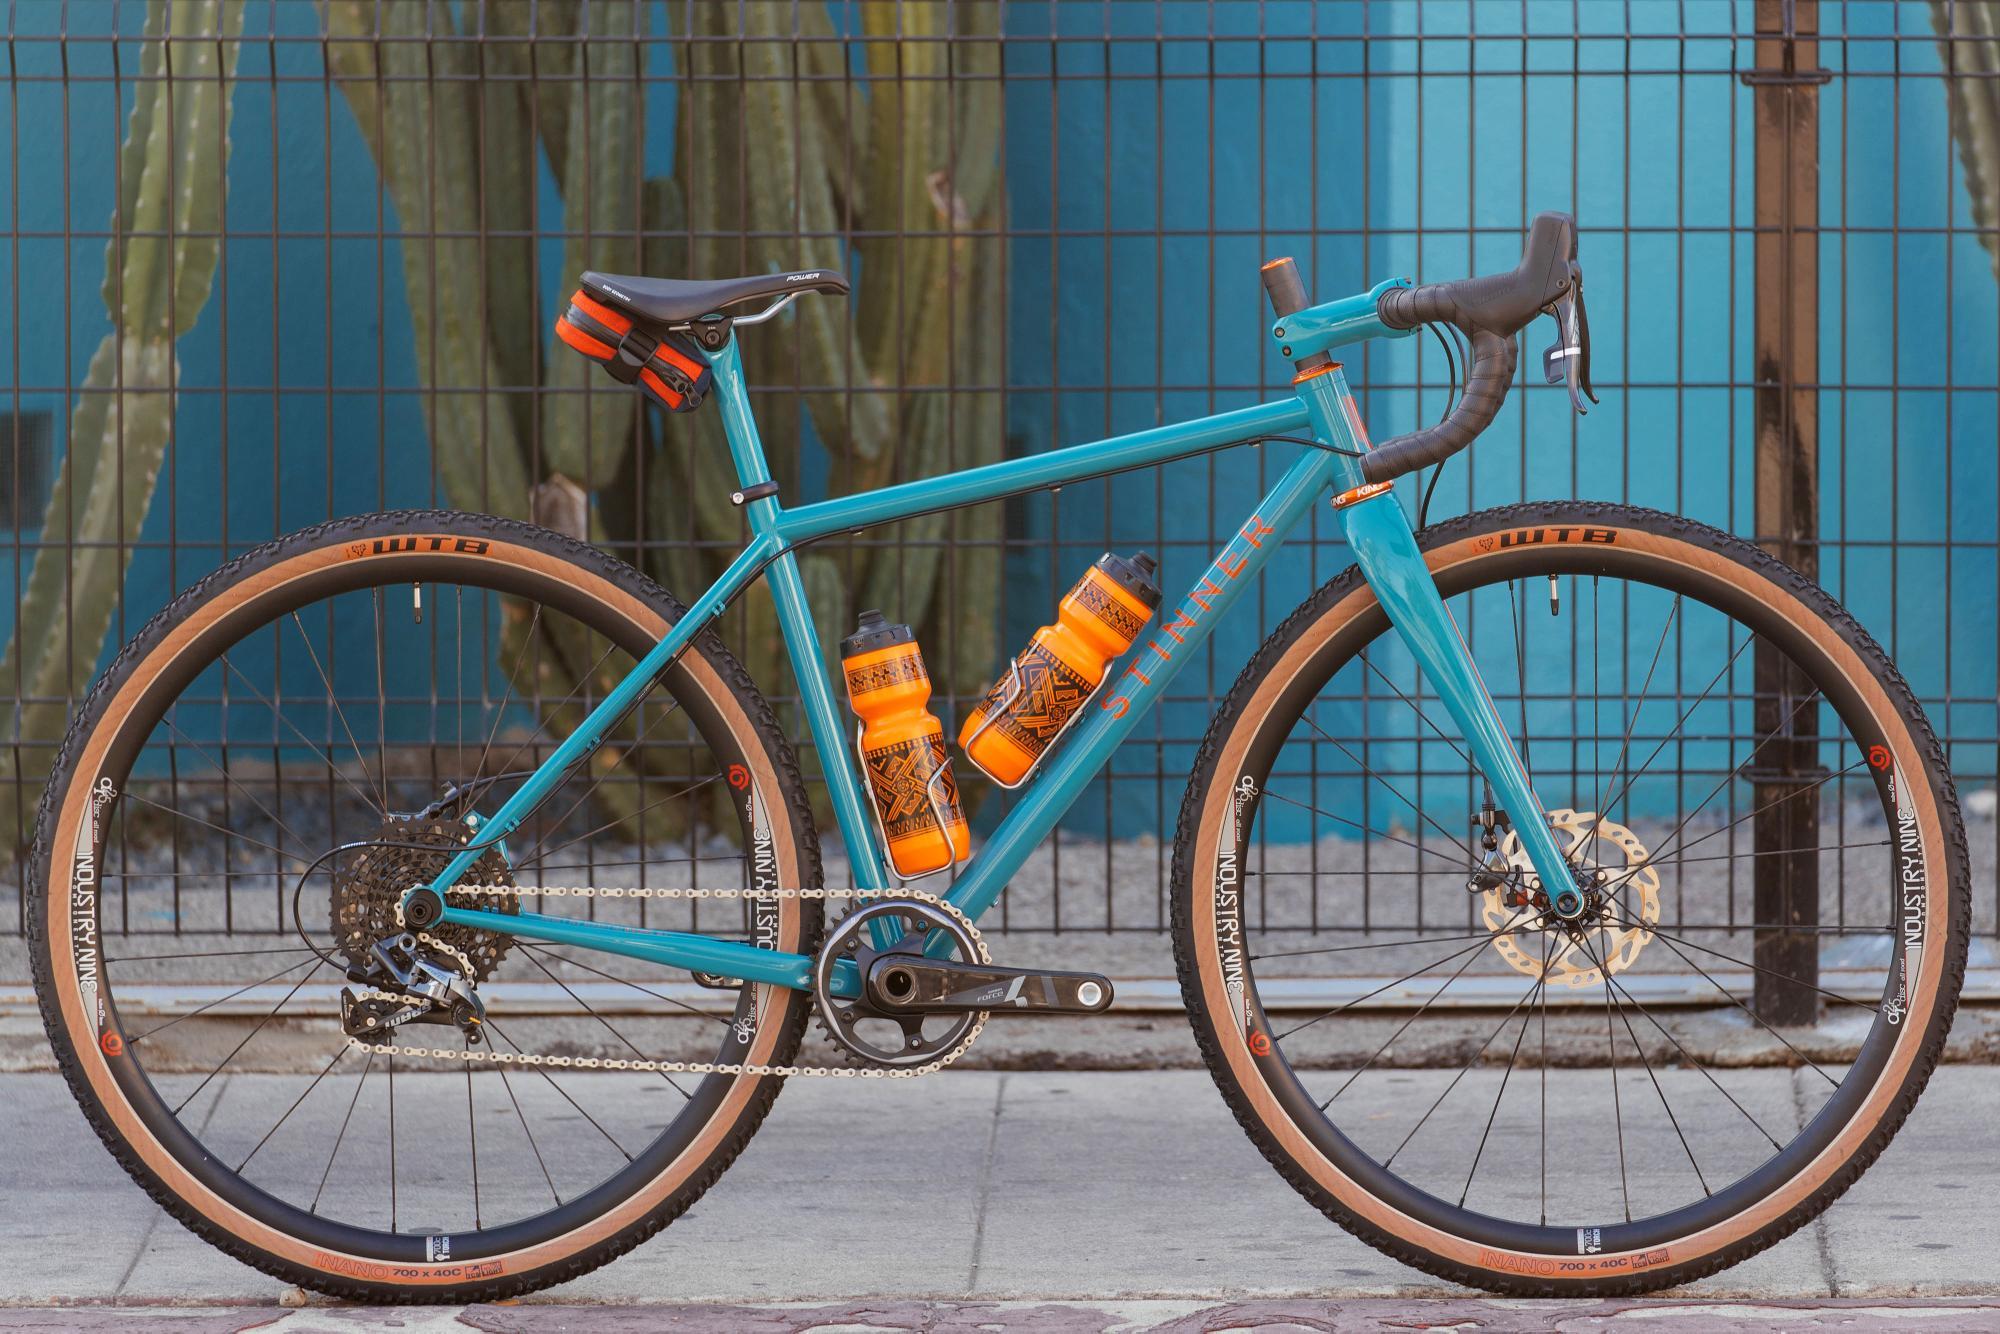 Stinner Frameworks Romero 'Cross Bike-01